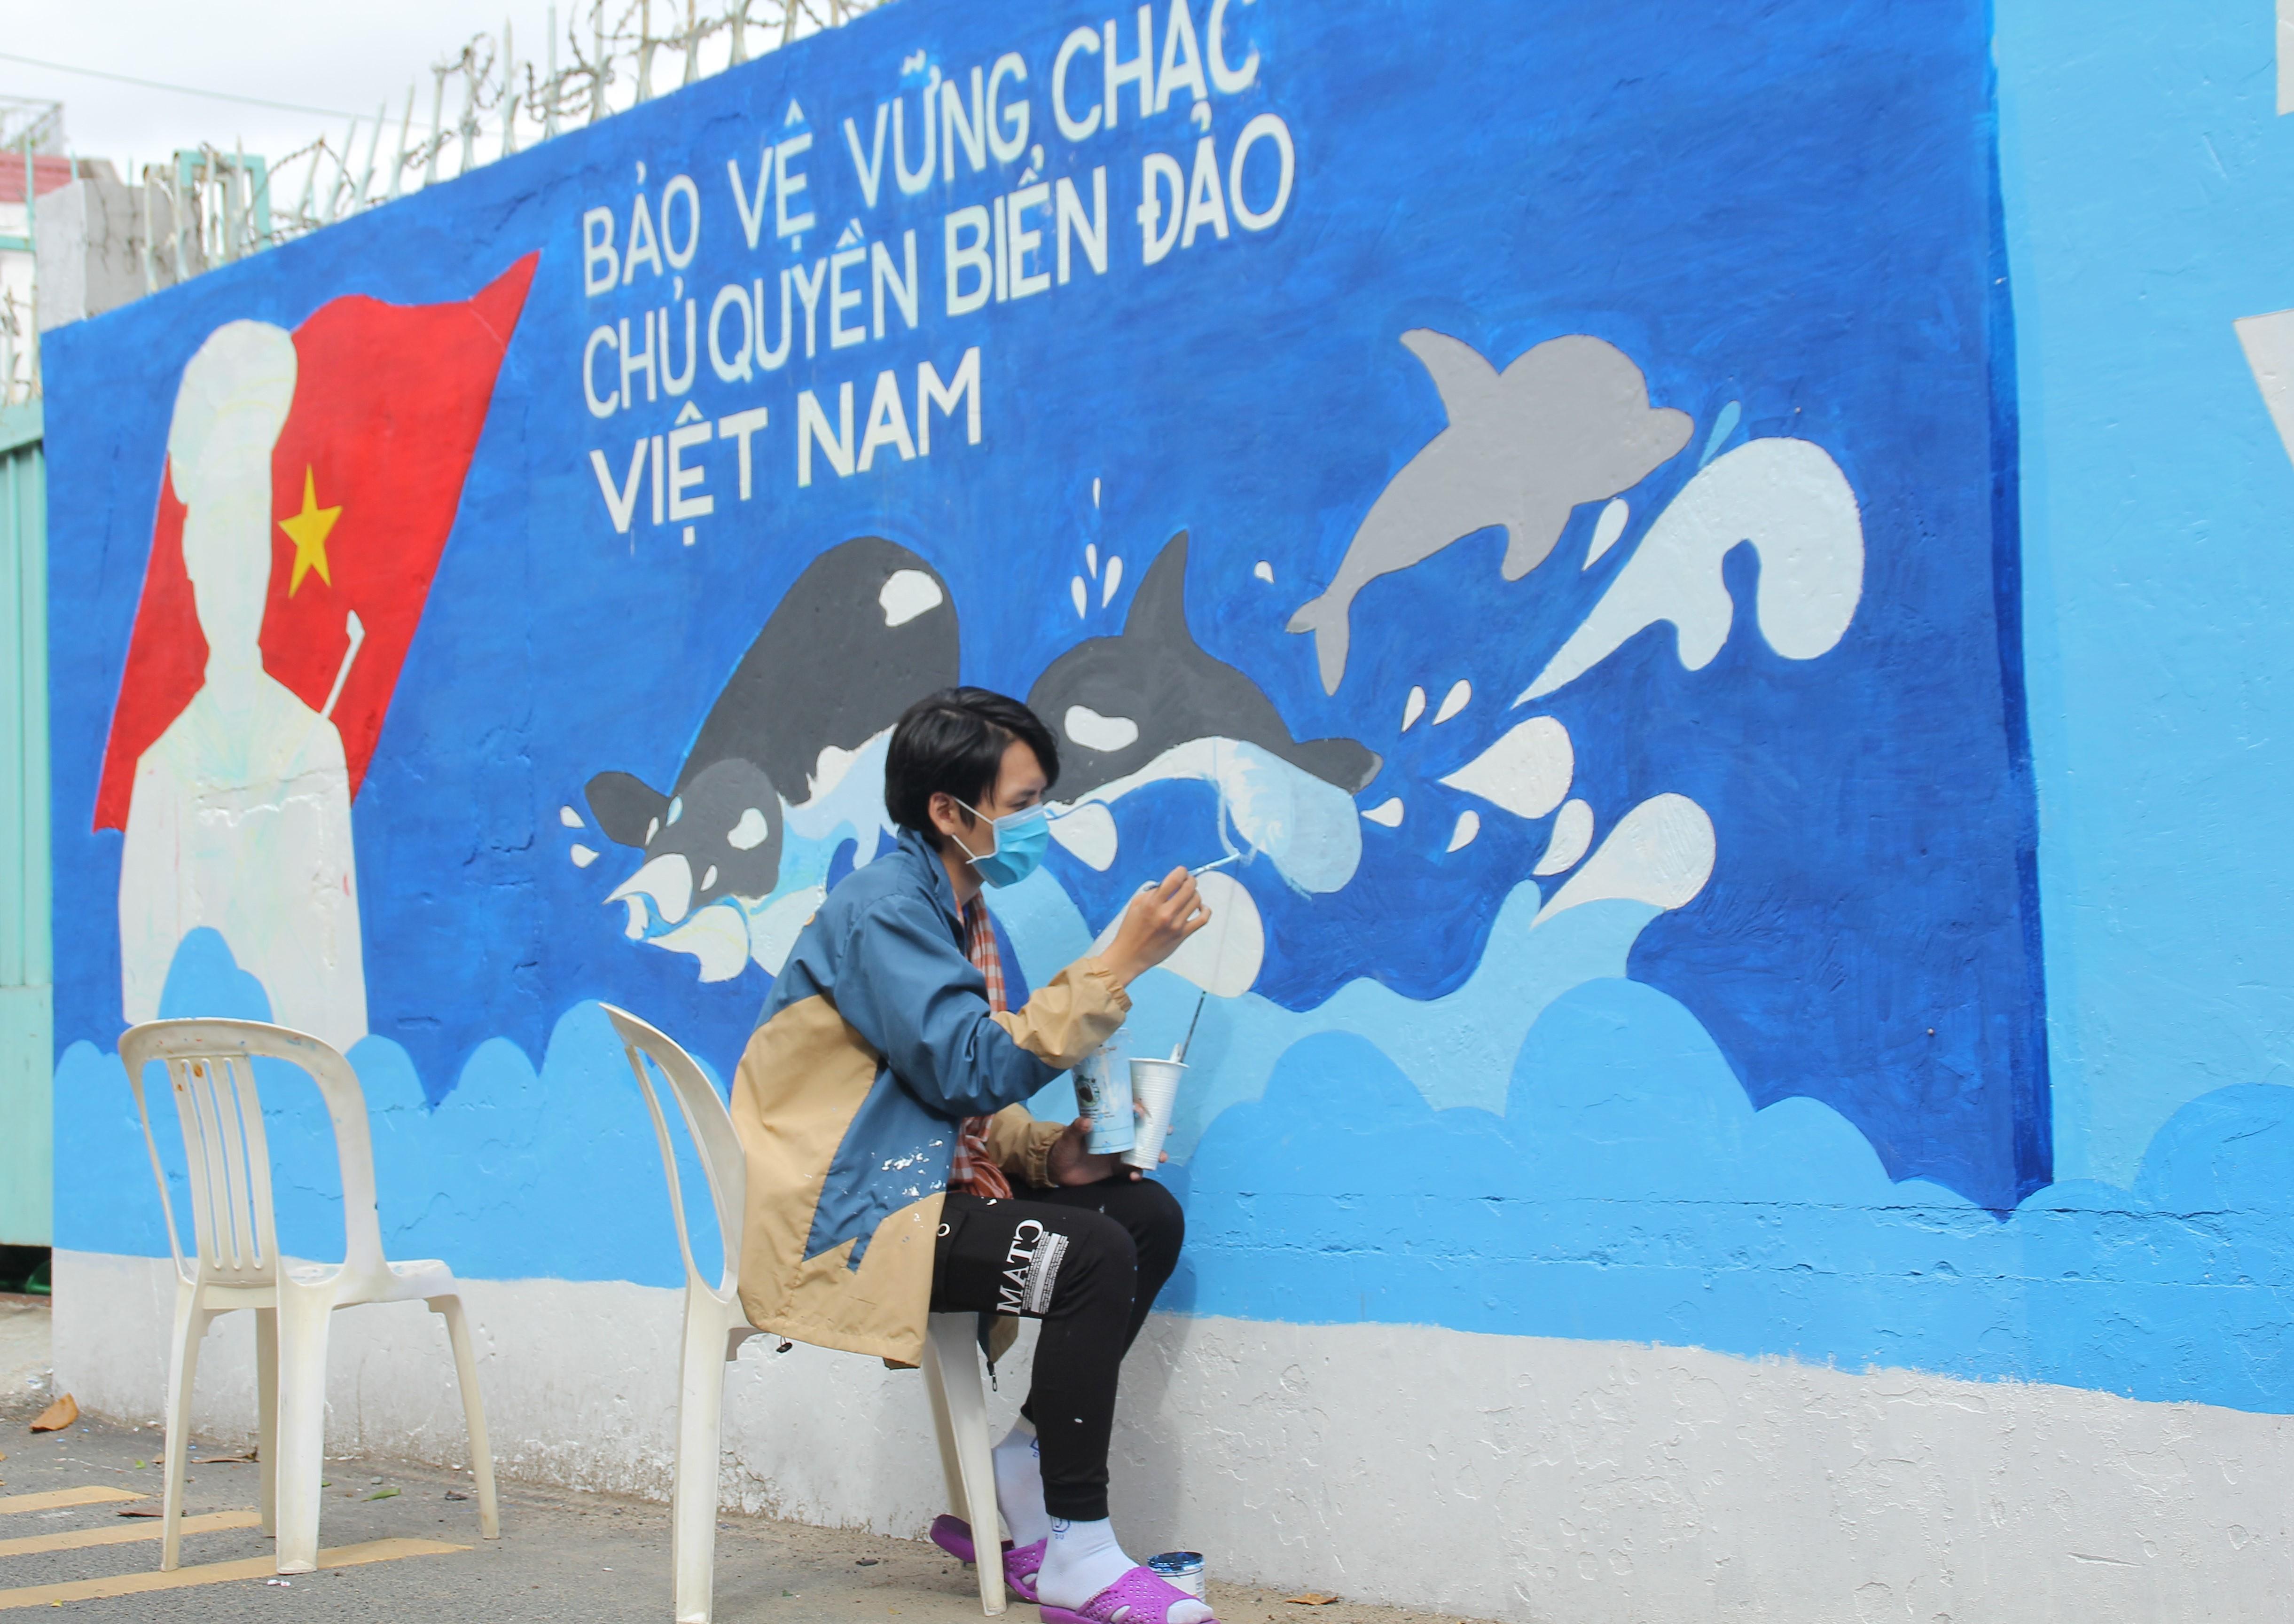 Cận cảnh những mảng tường 'biết nói' của chiến sỹ tình nguyện hè Ảnh 3